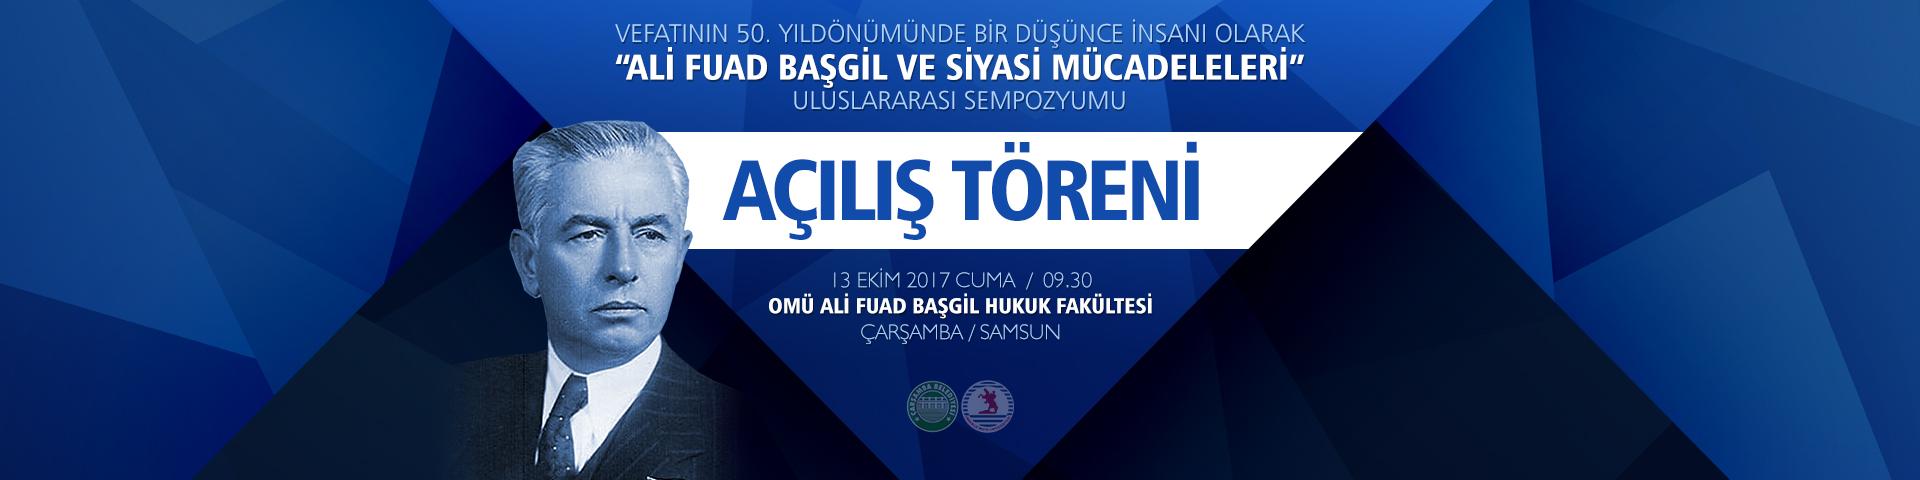 http://www.omu.edu.tr/sites/default/files/files/039ali_fuad_basgil_ve_siyasi_mucadeleleri039_sempozyum_acilis_toreni_13-14_ekim_2017/alifuadbasgil-acilis-slider.jpg